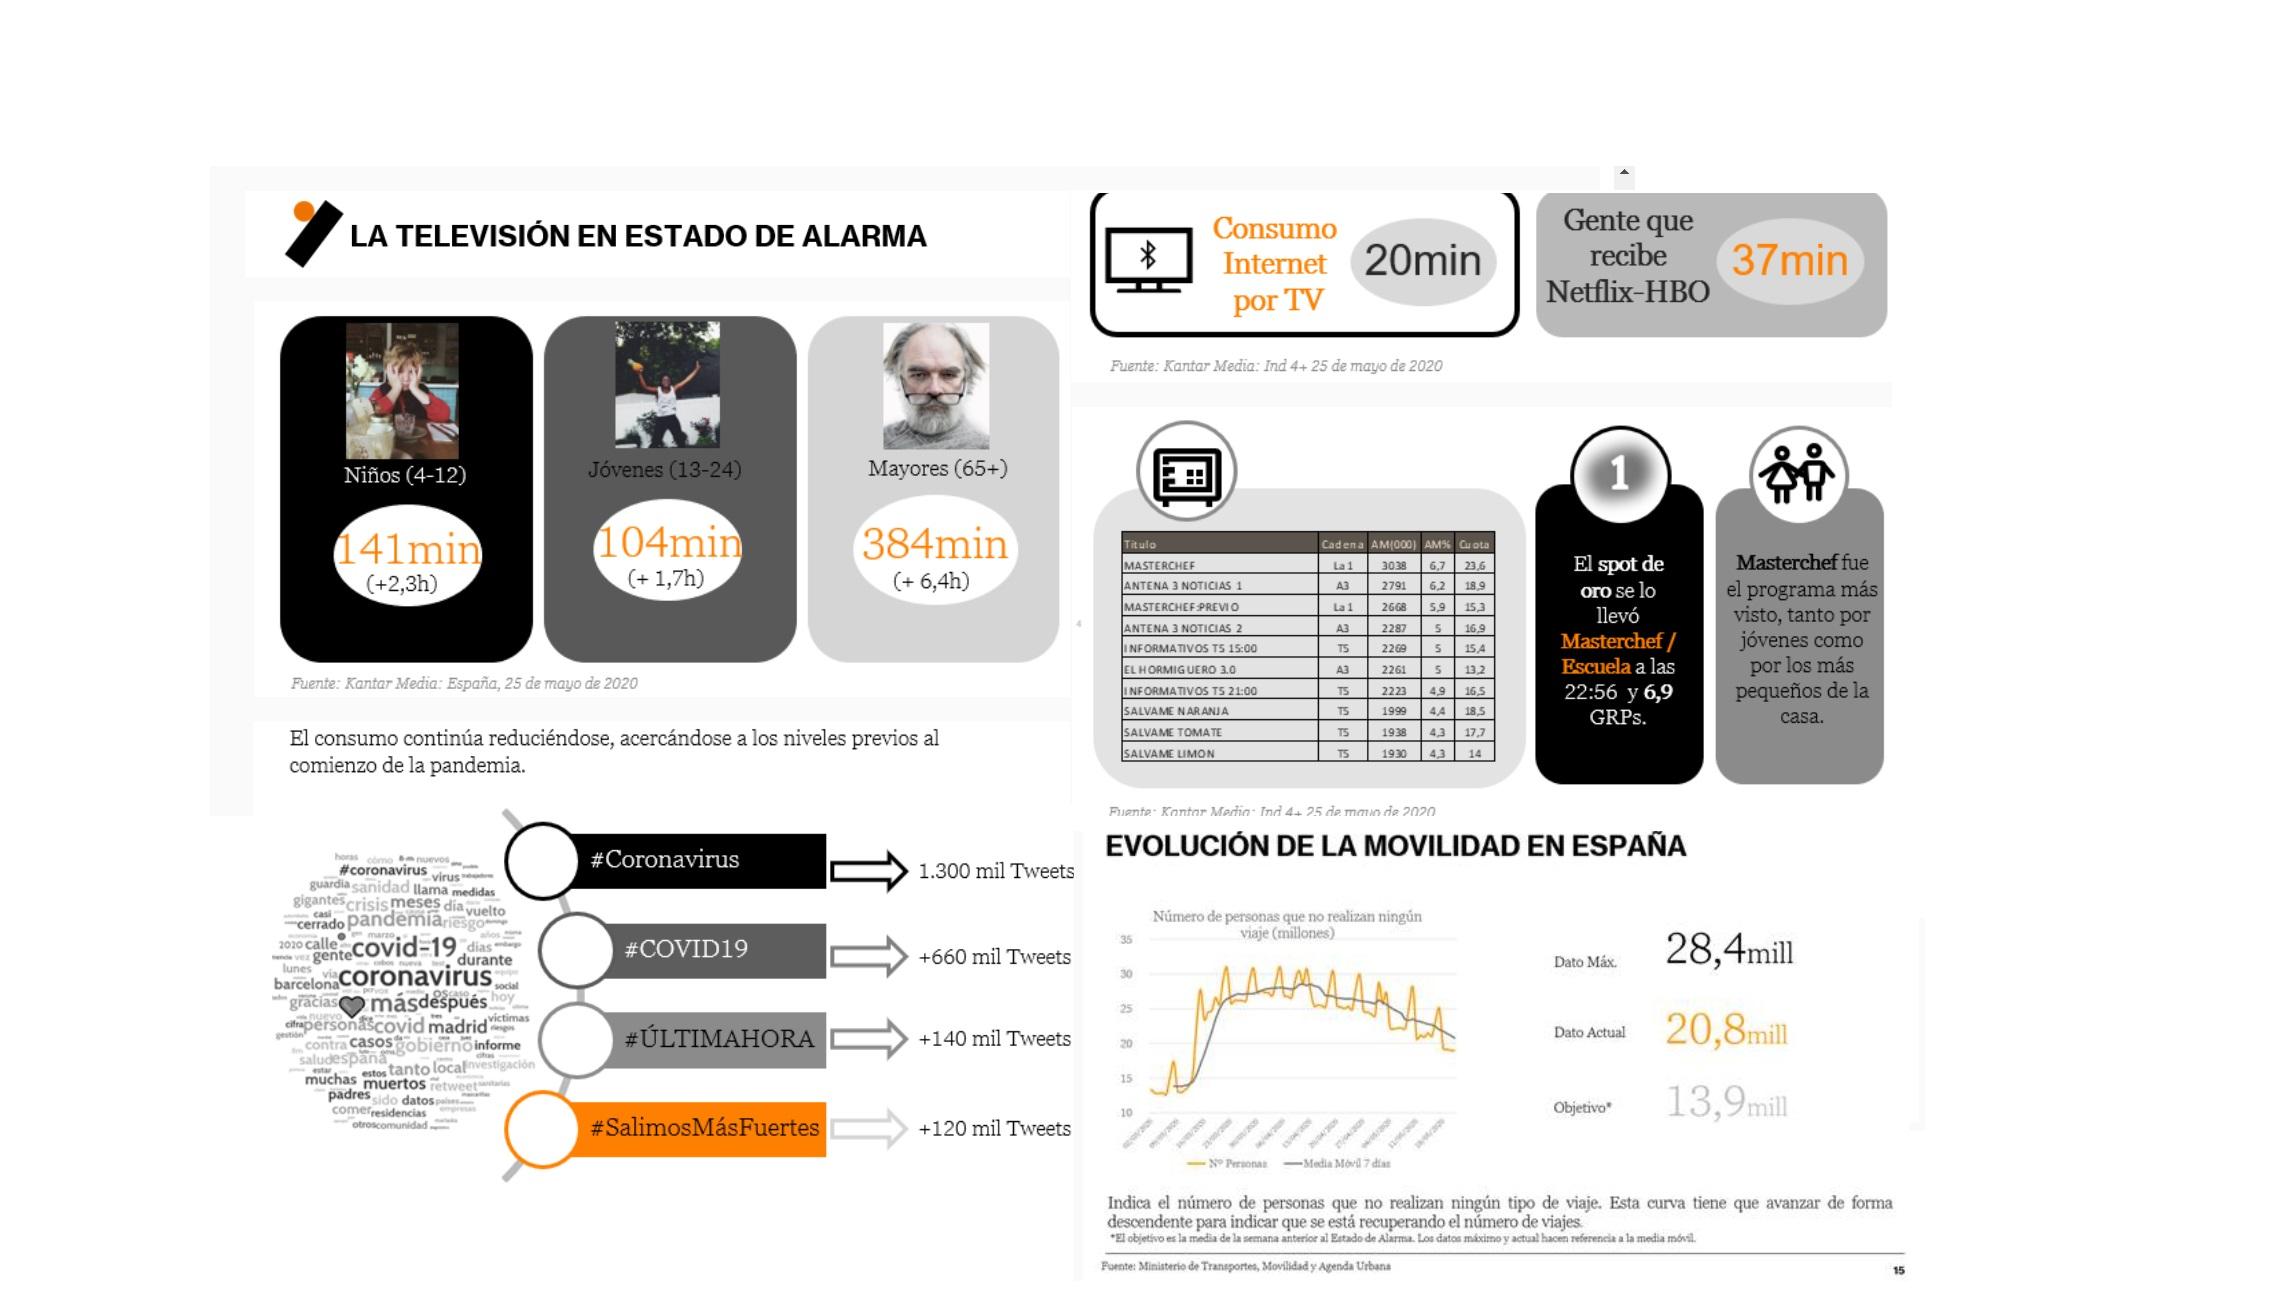 https://www.programapublicidad.com/wp-content/uploads/2020/05/wavemaker-diario-movilidad-españa-consumo-tv-por-internet-hbo-netflix-hashtag-covid-19-programapublicidad.jpg